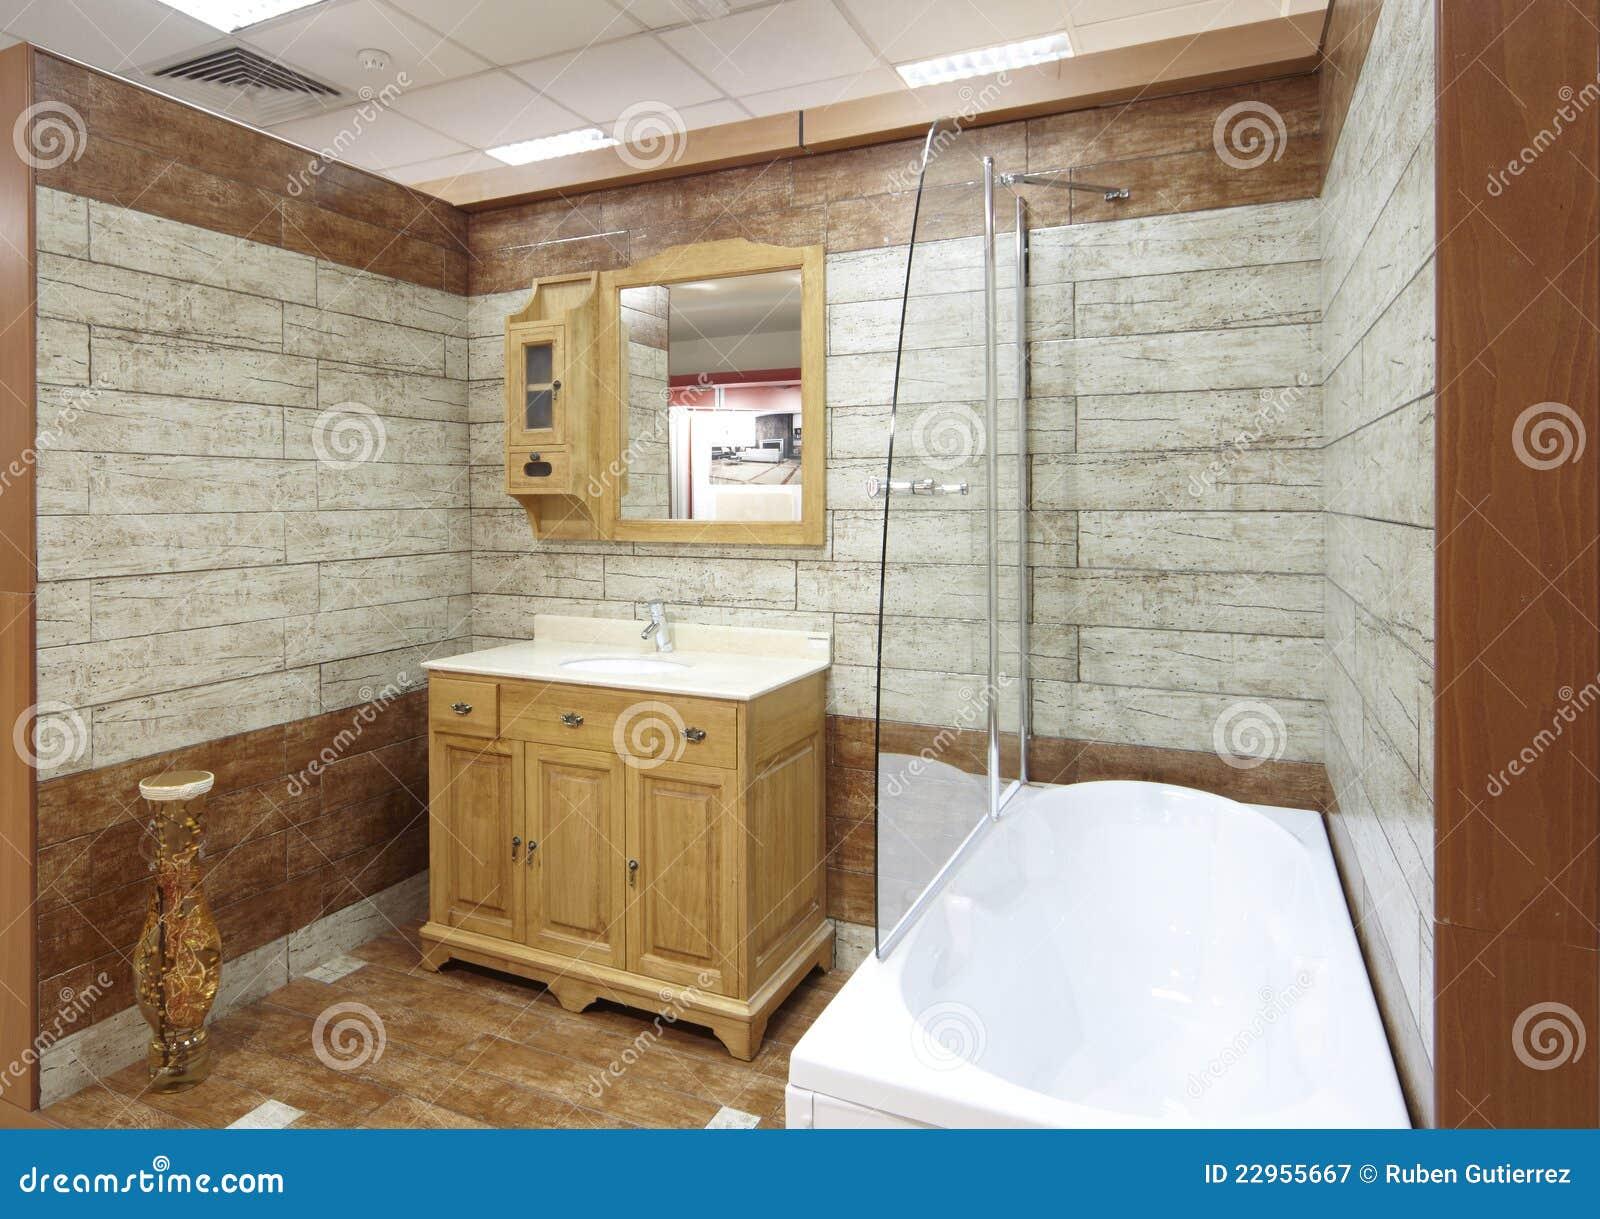 Model badkamers met tegels in een toonzaal royalty vrije stock fotografie afbeelding 22955667 for Badkamer model